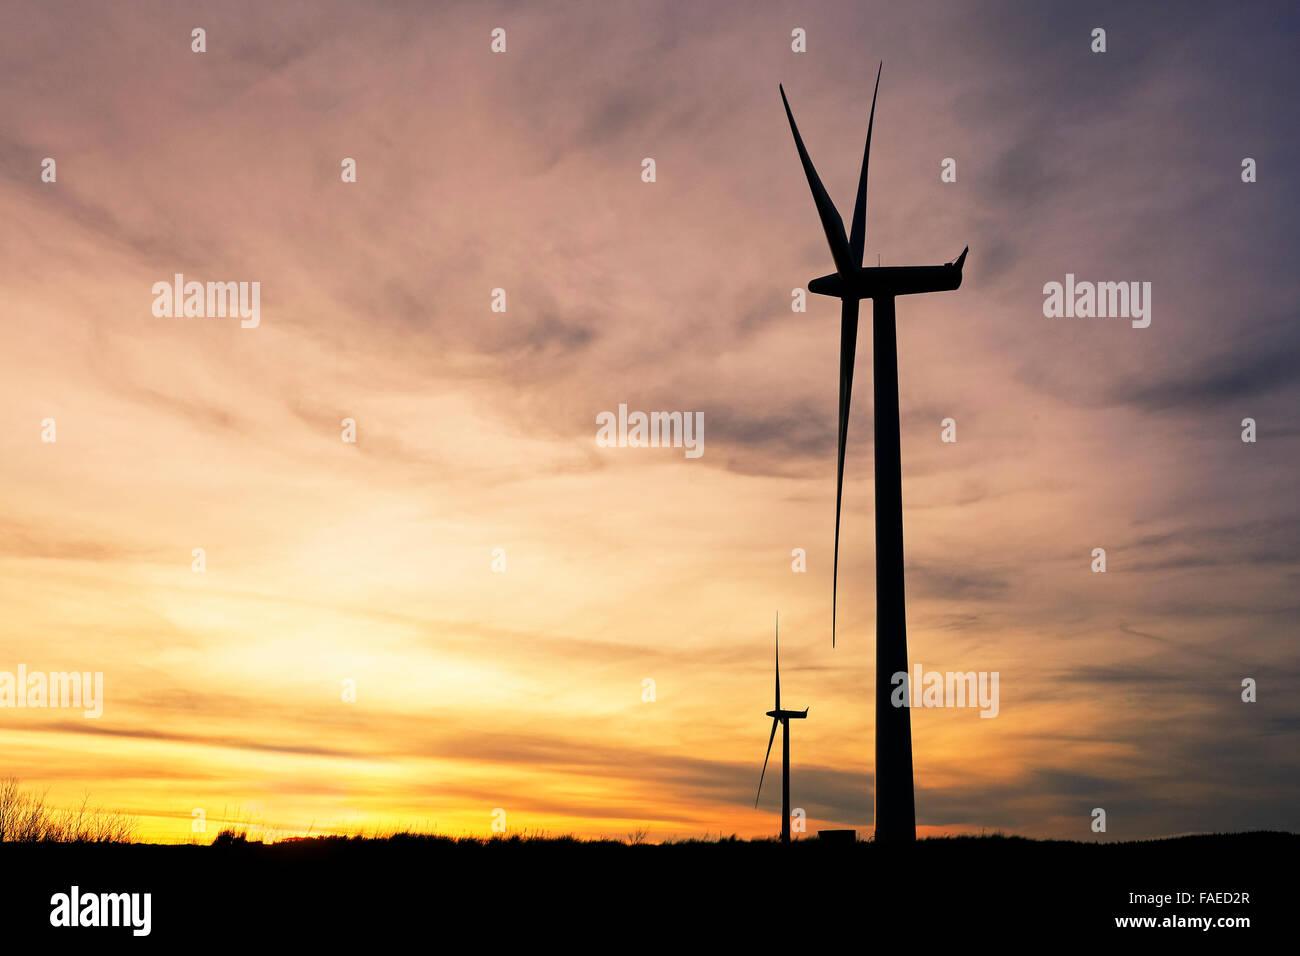 Two wind turbines generating electricity, Whitelee Wind turbines, Eaglesham, near Glasgow, Scotland, Uk - Stock Image